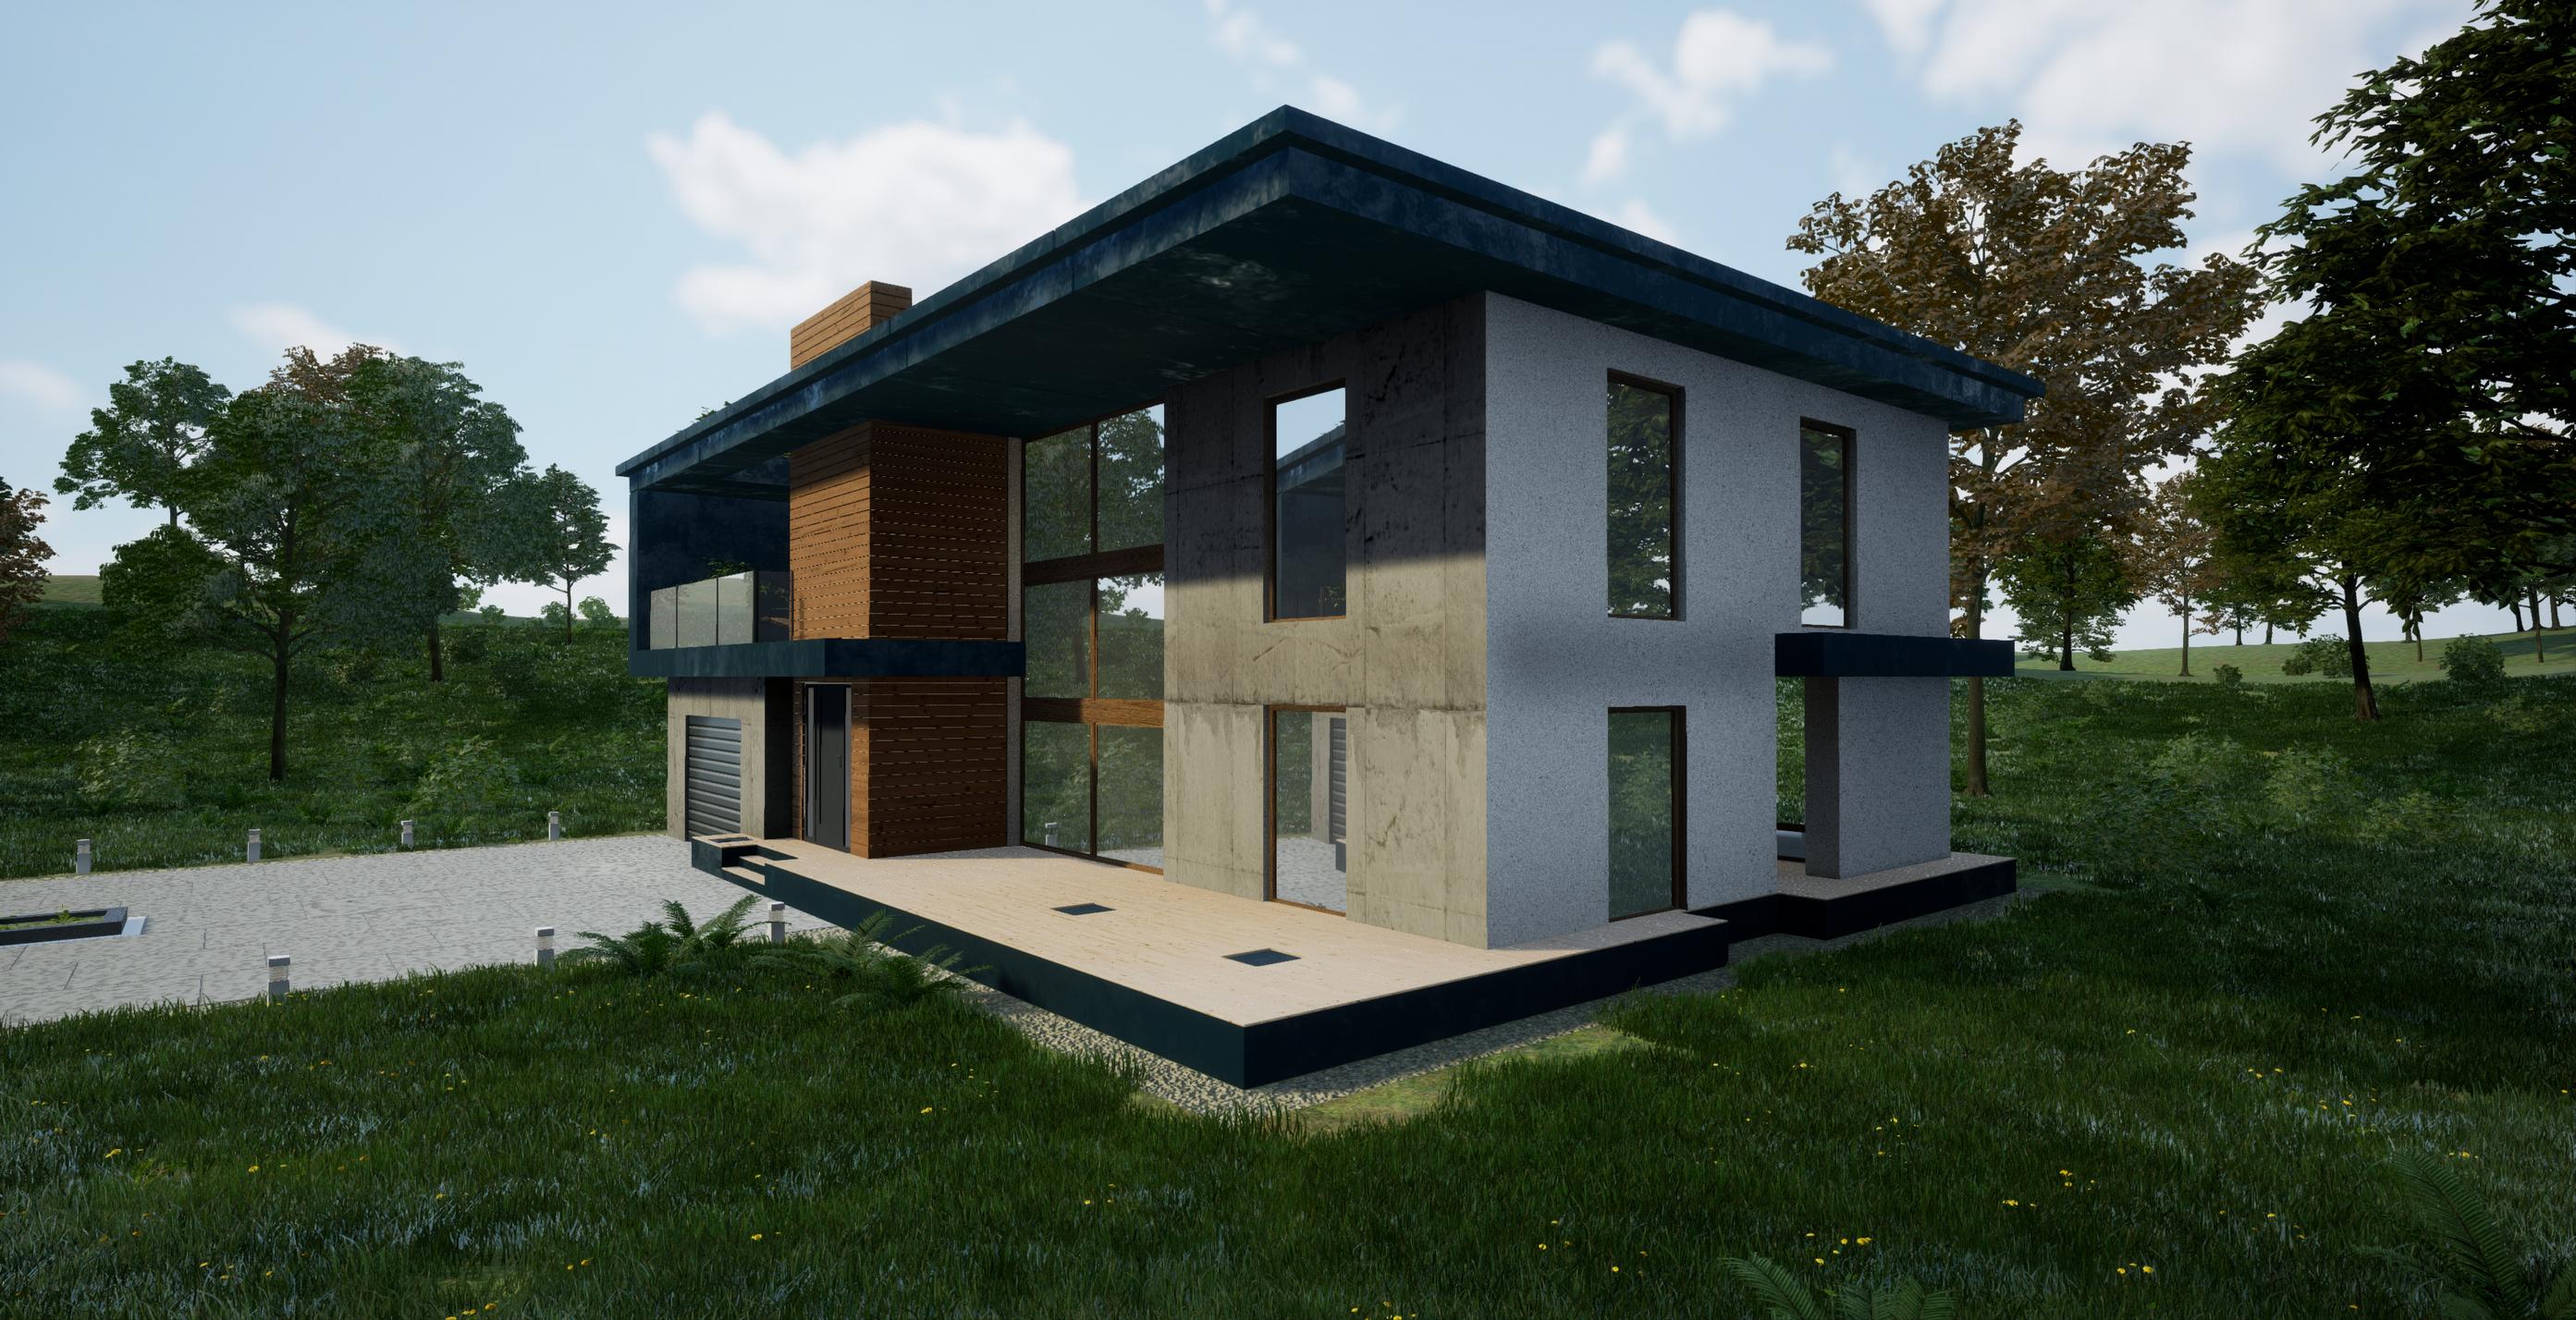 यूई 4 के साथ वास्तु दृश्य - समर हाउस 3d max Other में प्रस्तुत छवि